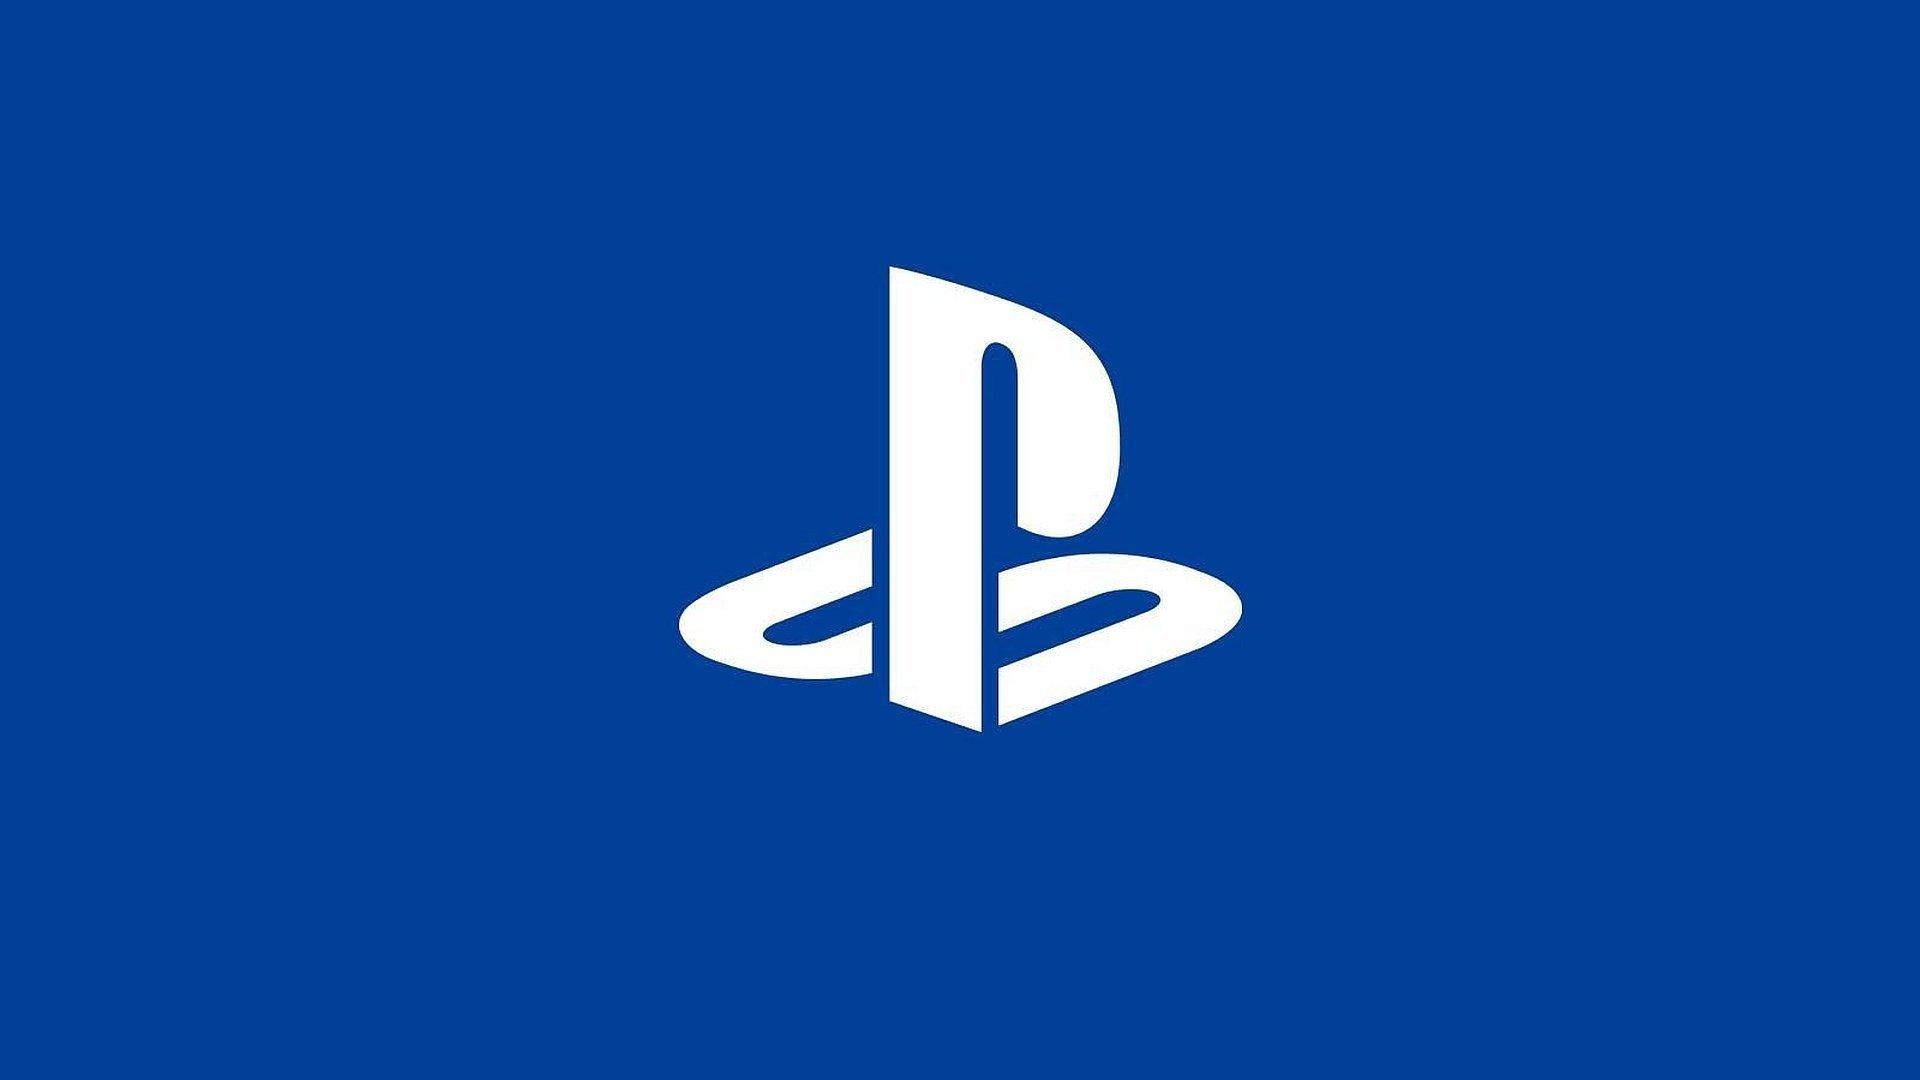 La nueva actualización de sistema de PS5 llegará mañana